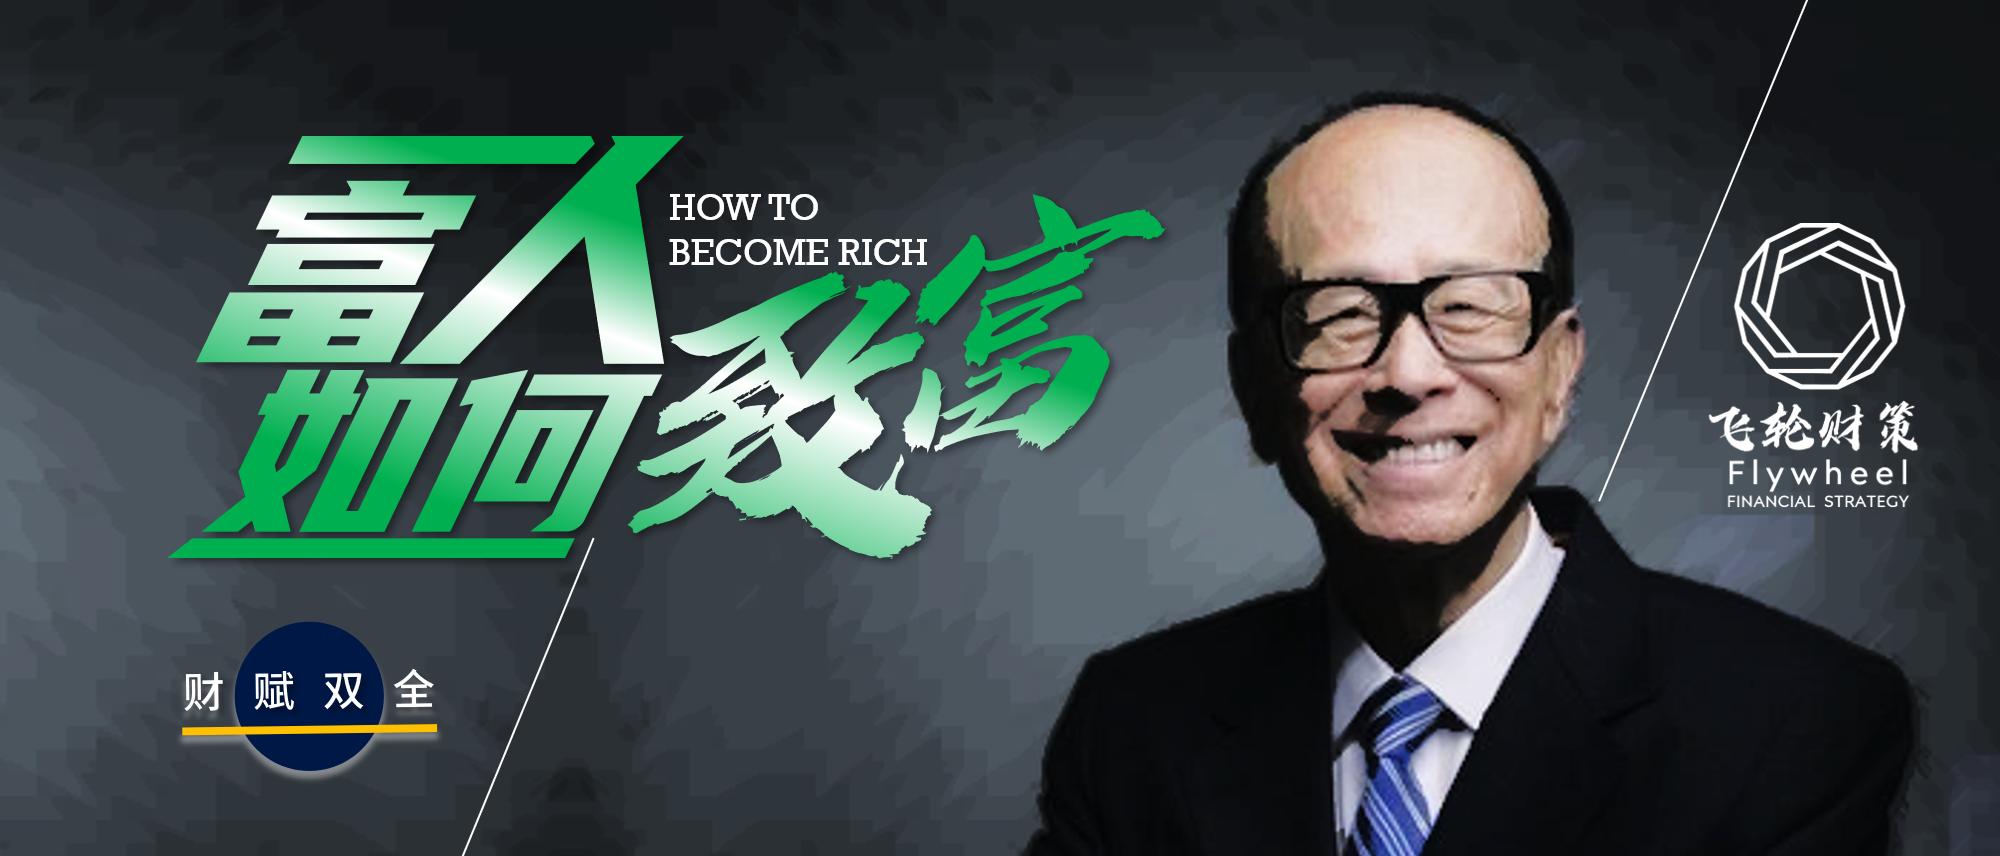 富人如何致富